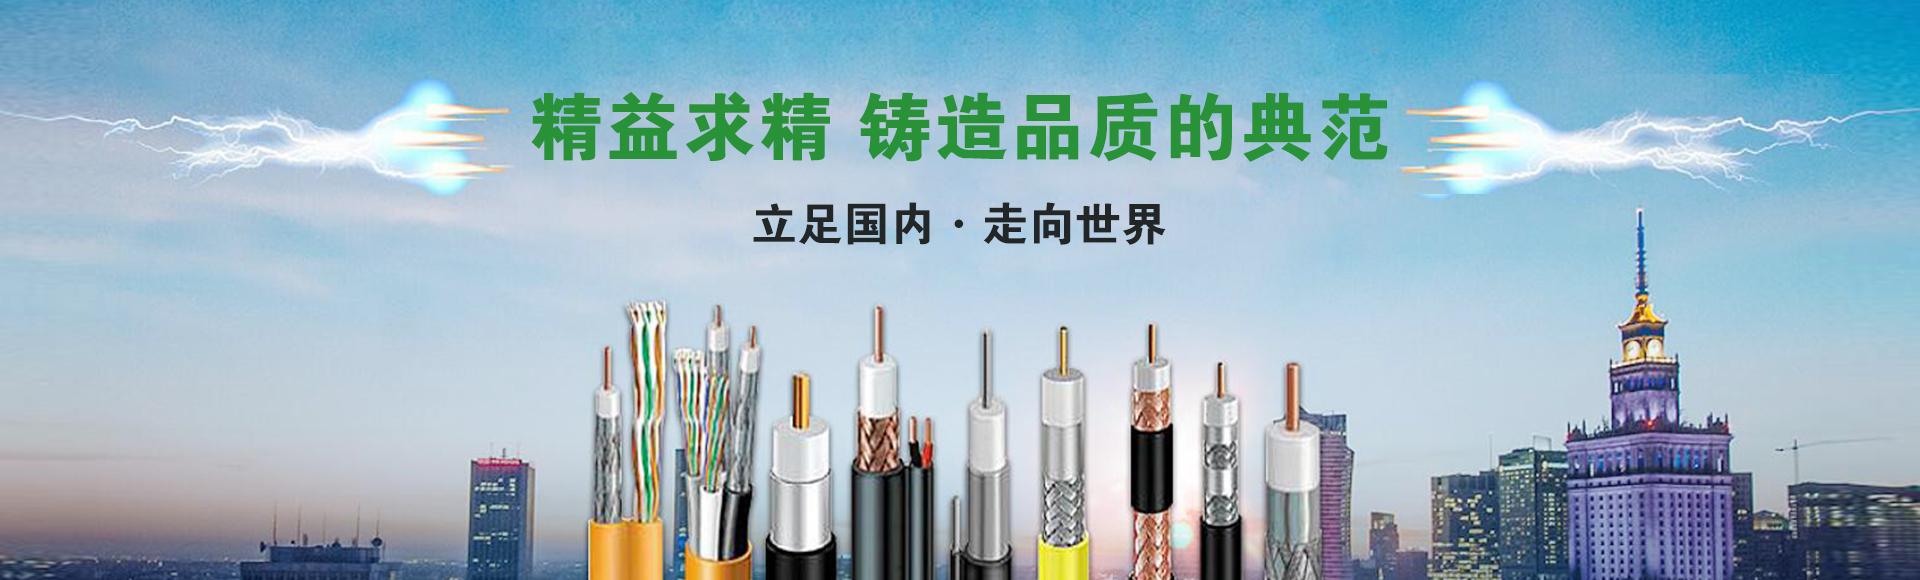 架空电缆_上海万普线缆有限公司